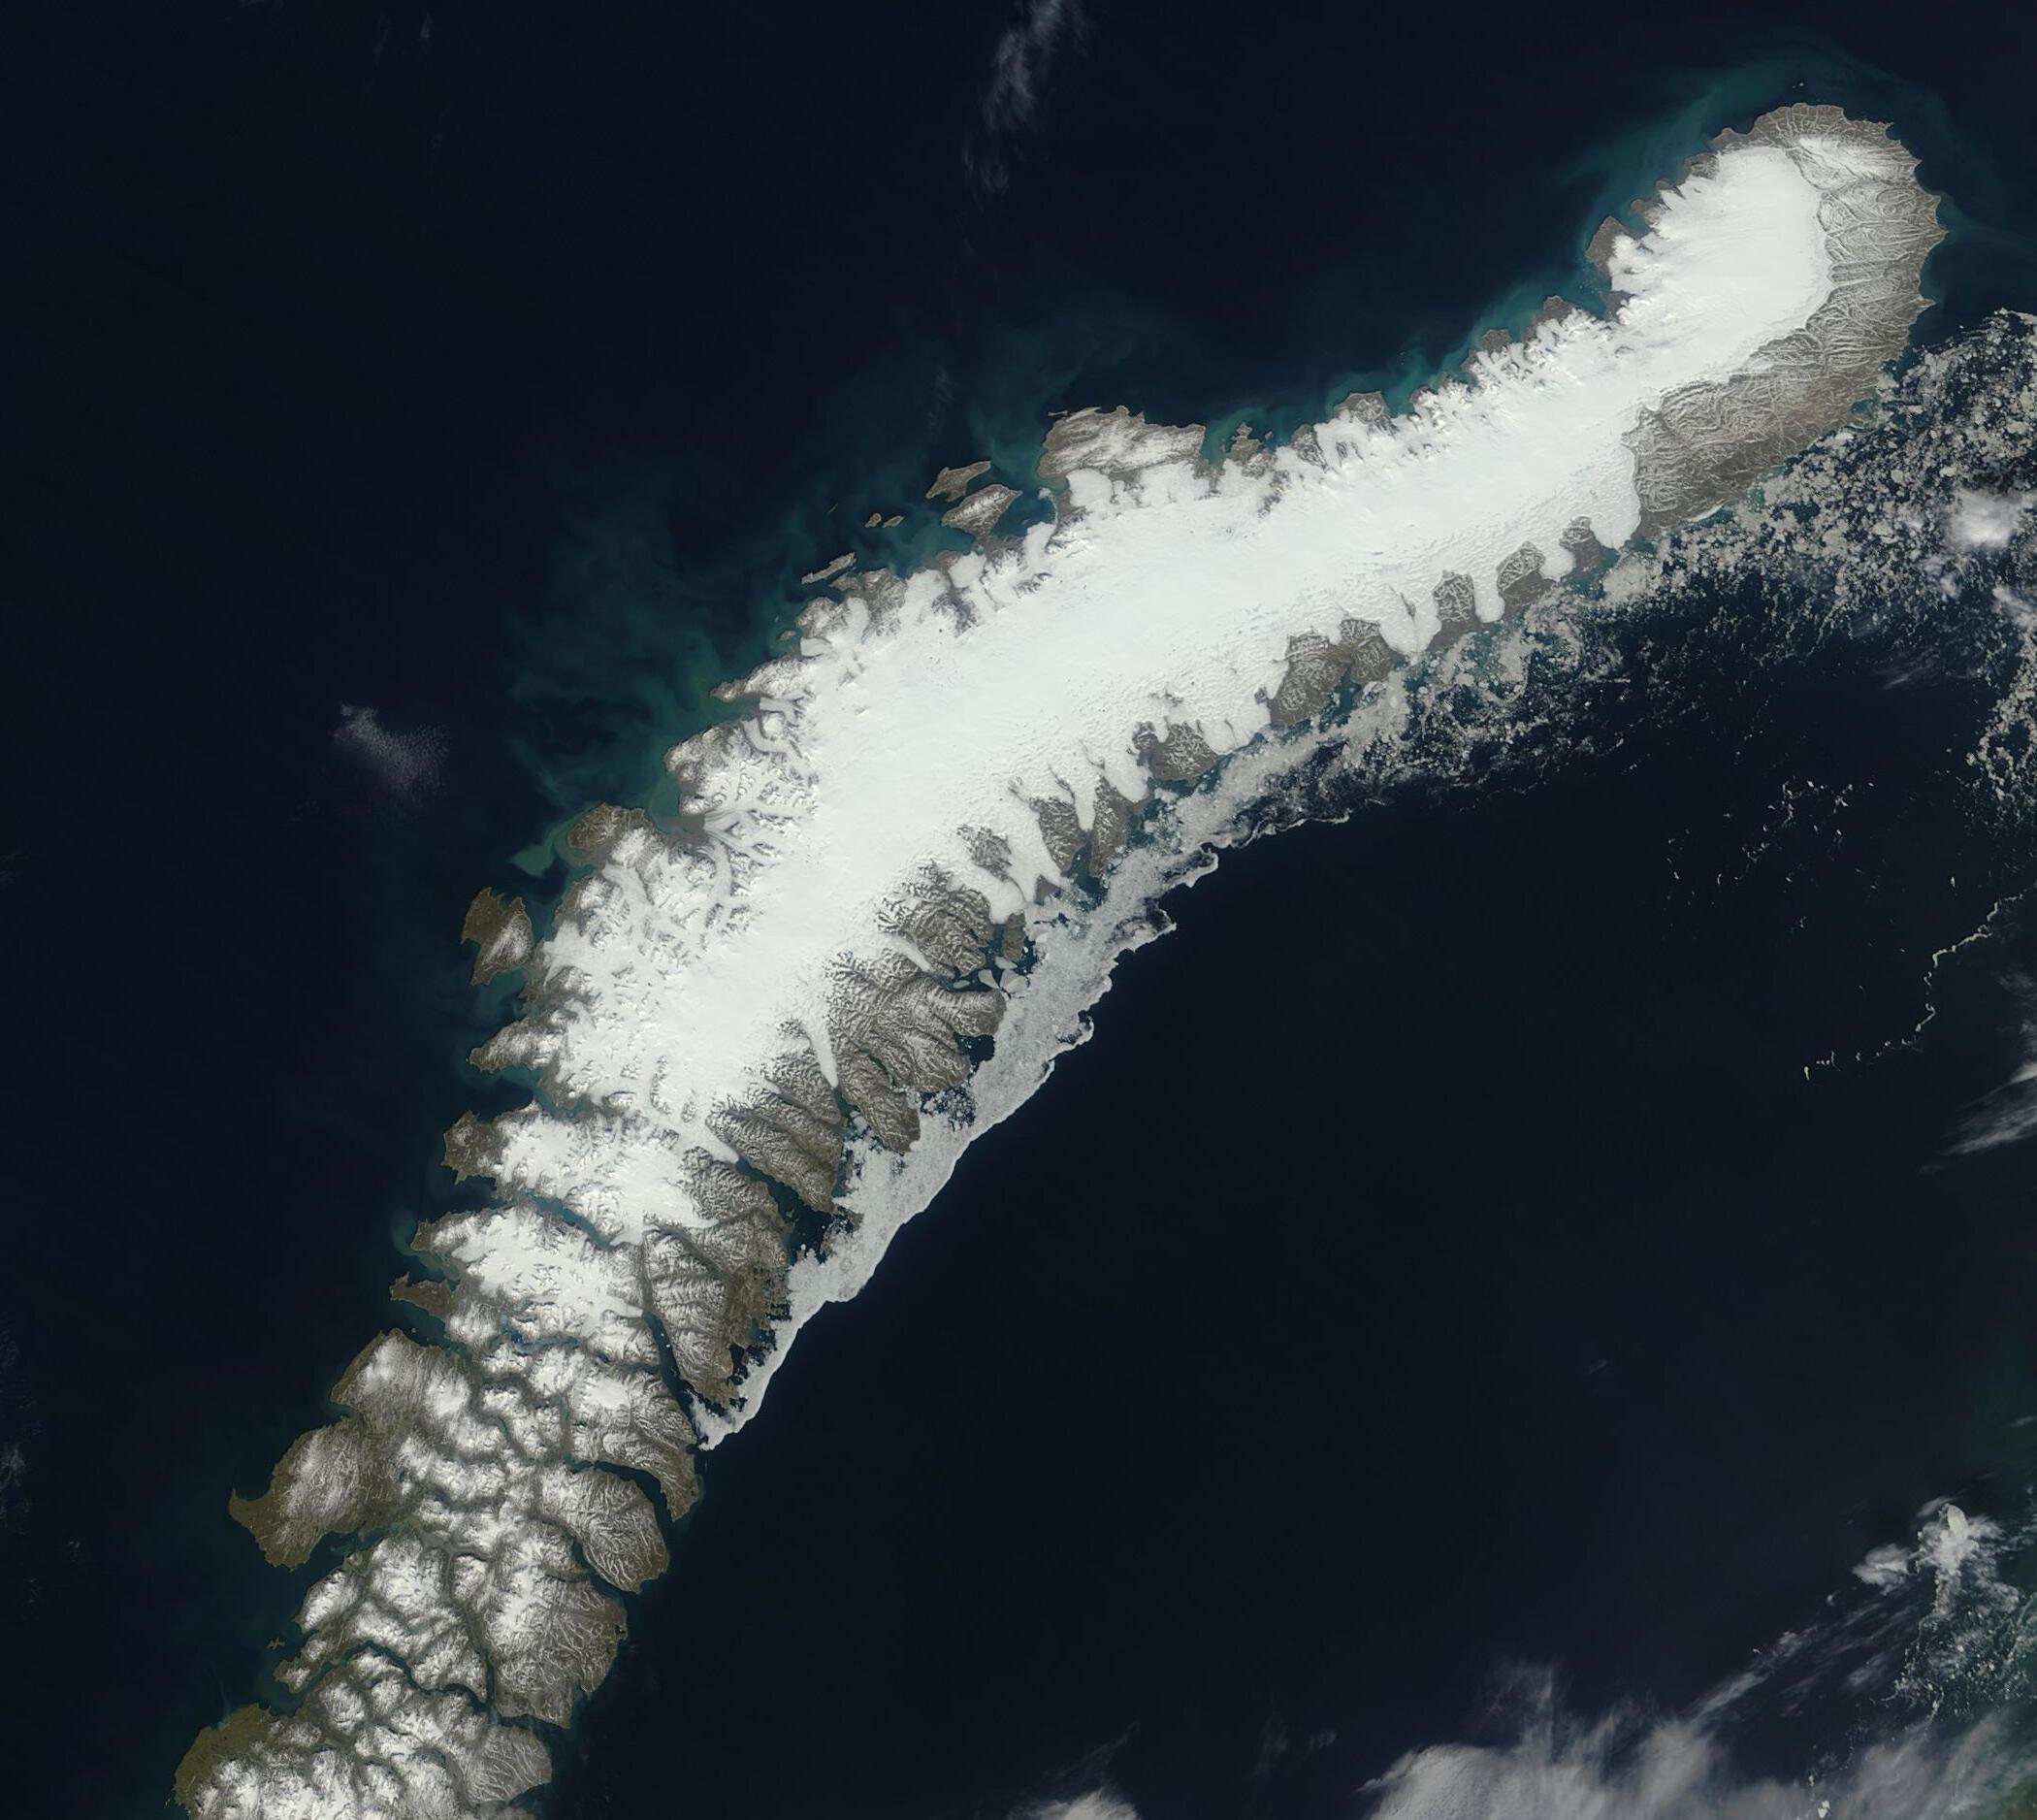 Vue satellite de l'archipel de Nouvelle-Zemble qui est quasiment inhabitée.